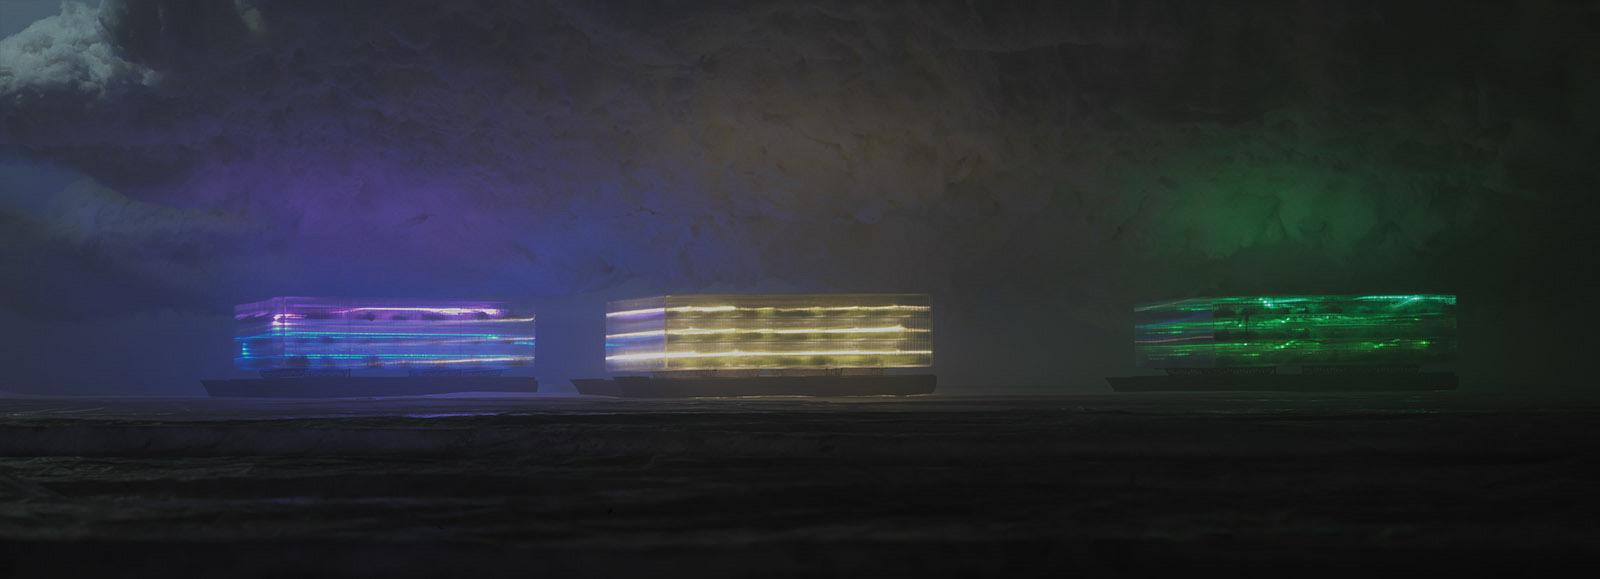 edwin zwakman, glass house, at night i see the future